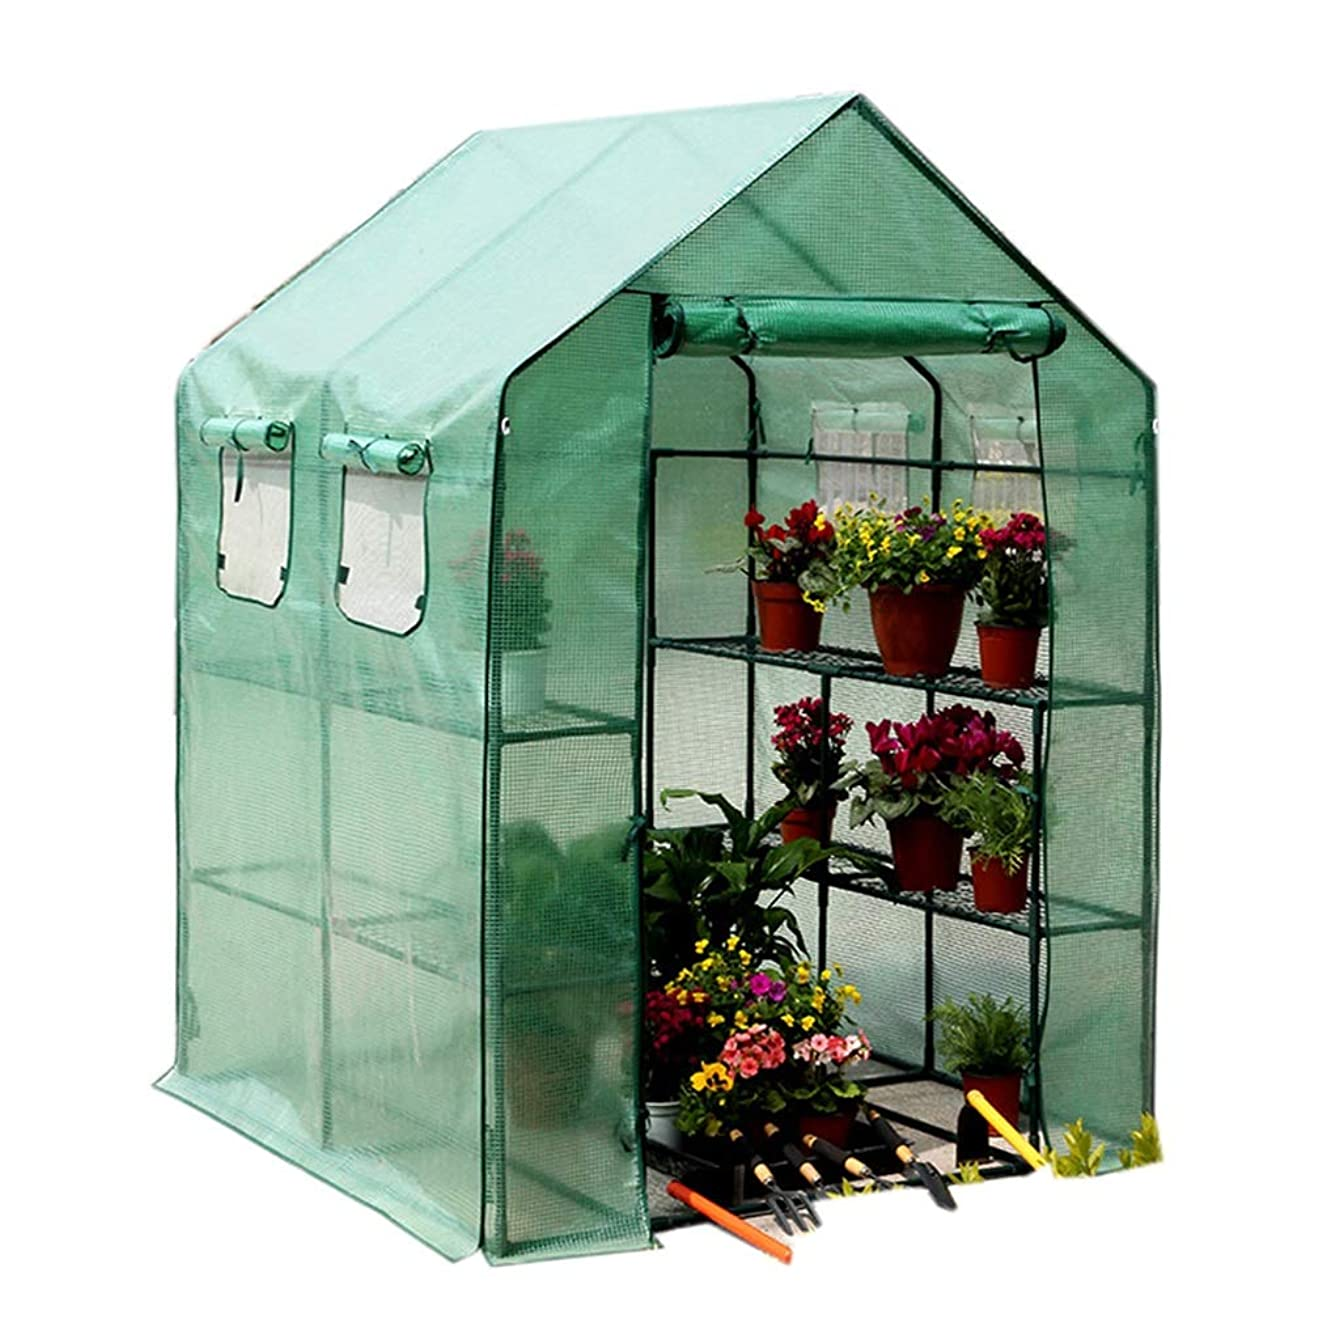 献身円形石膏ビニールハウス 温室 外の温室 - 12の棚及び強い補強カバーが付いている家庭用品の野菜/フルーツの温室、143×143×195cm 家庭用 ガーデニング温室 (色 : Green)